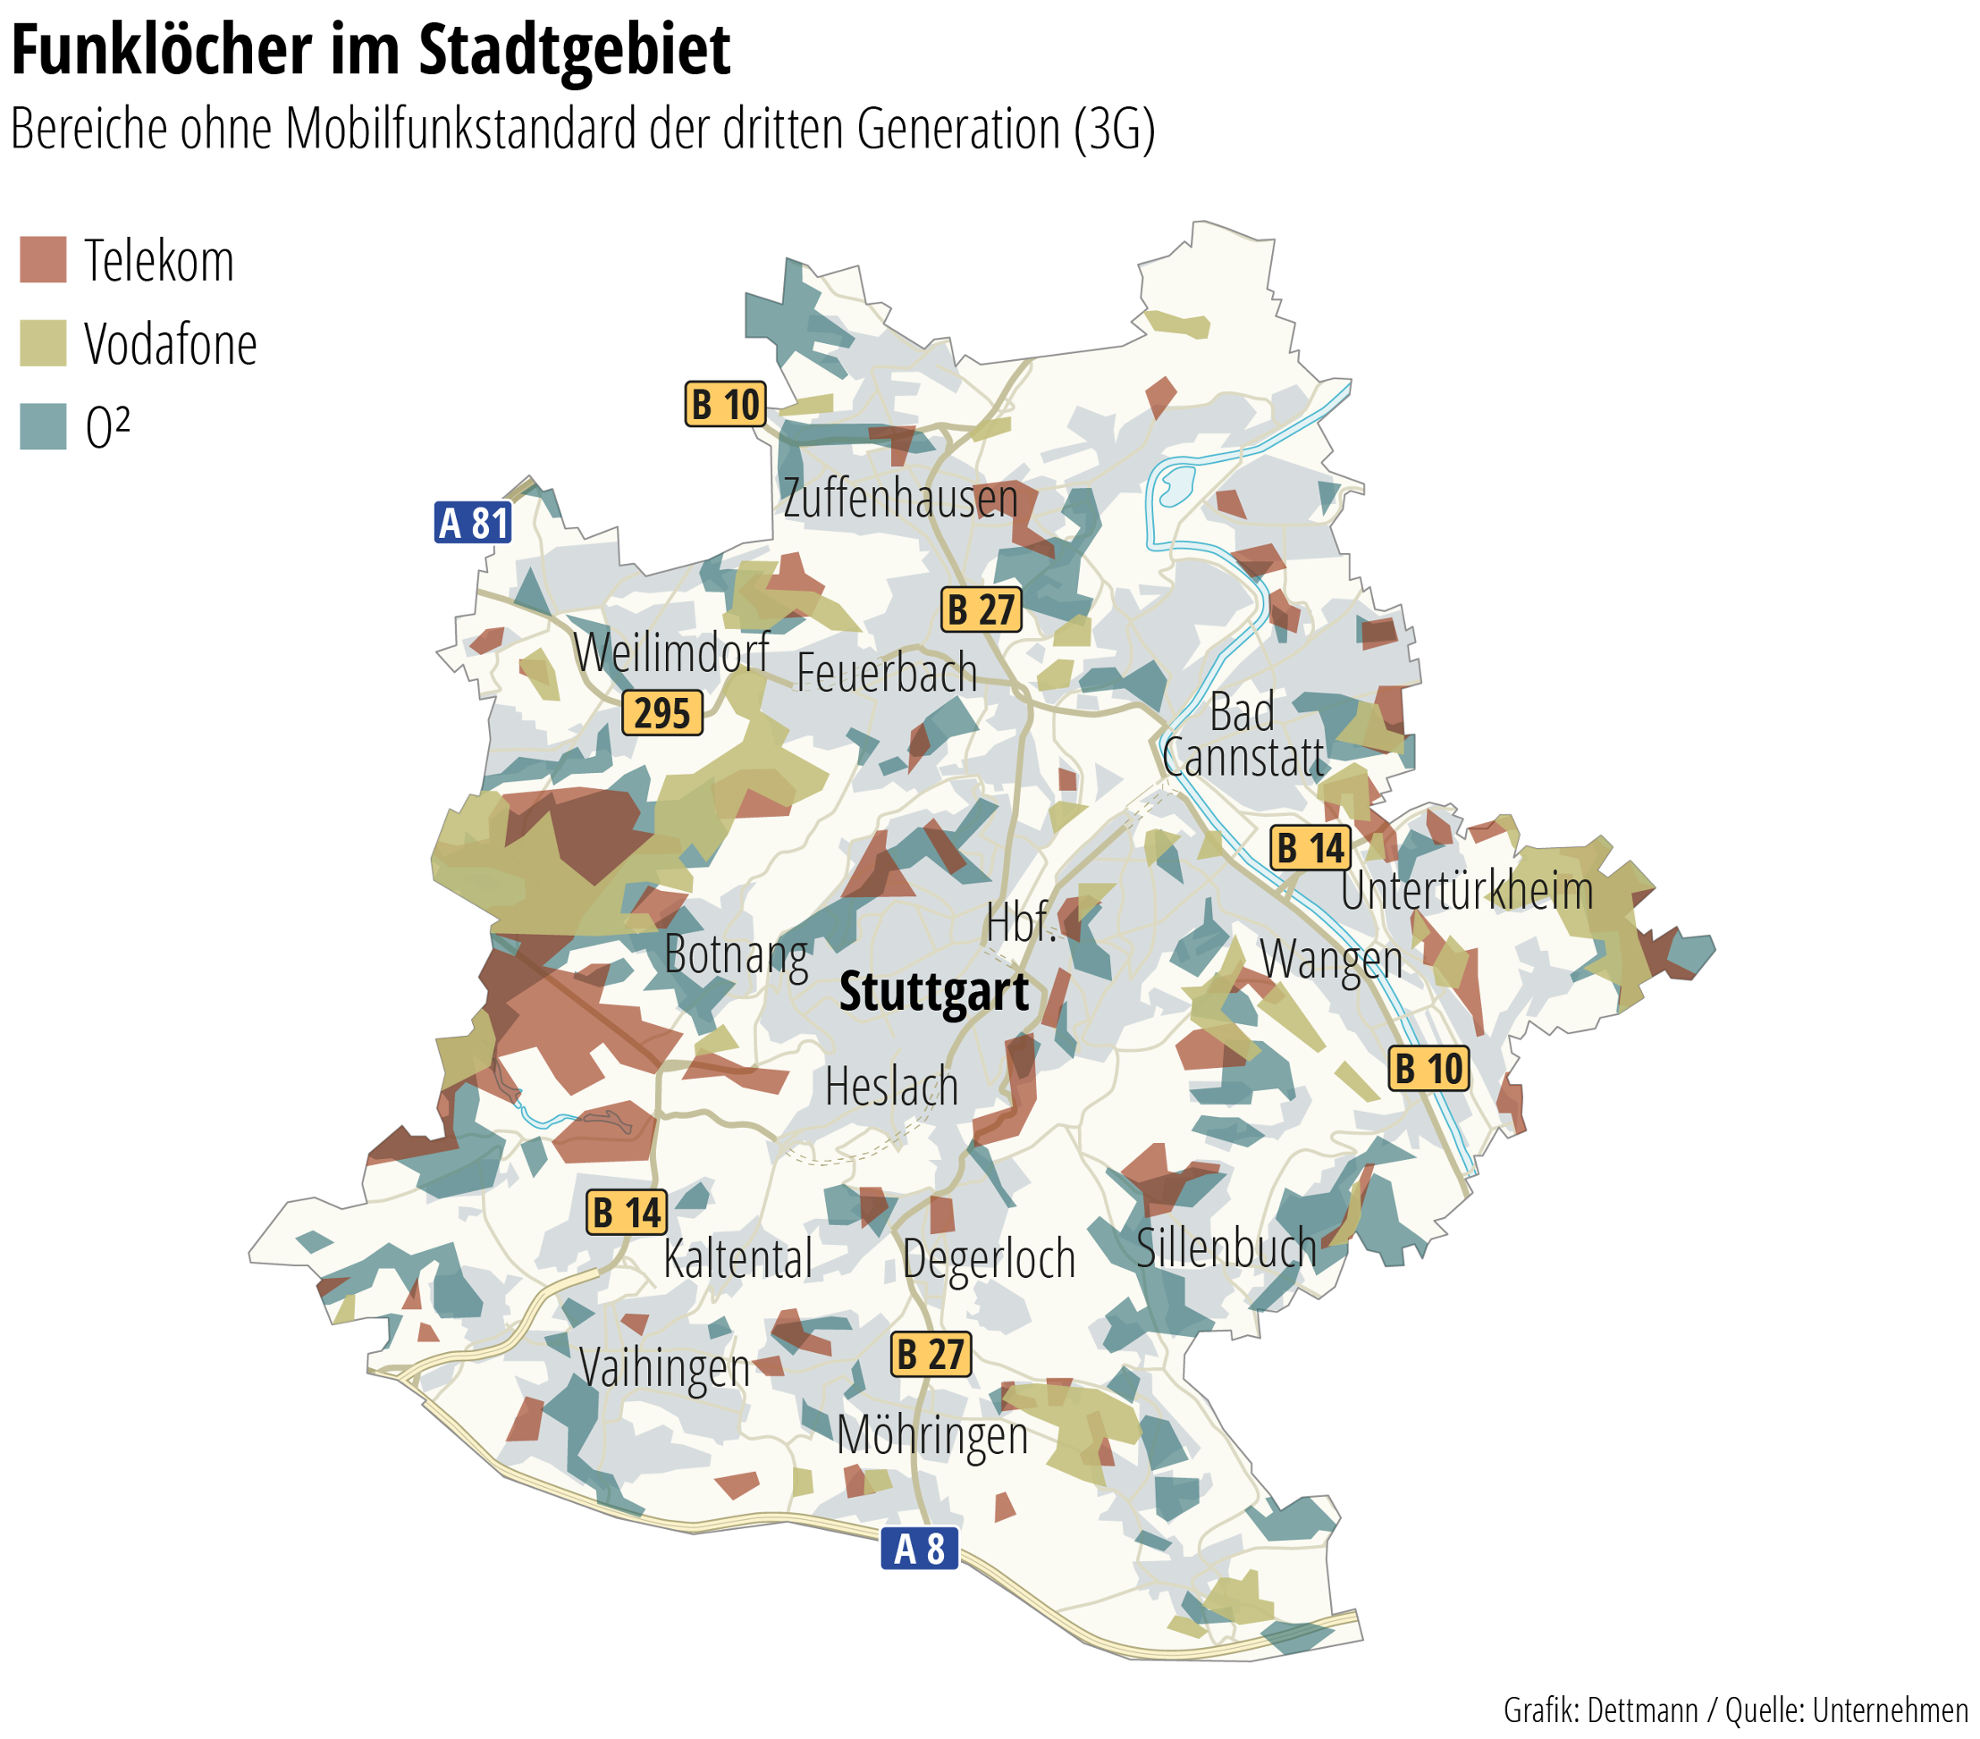 Lte Masten Karte.Probleme Mit Mobilfunknetz Stuttgart Stadt Der Vielen Funklöcher